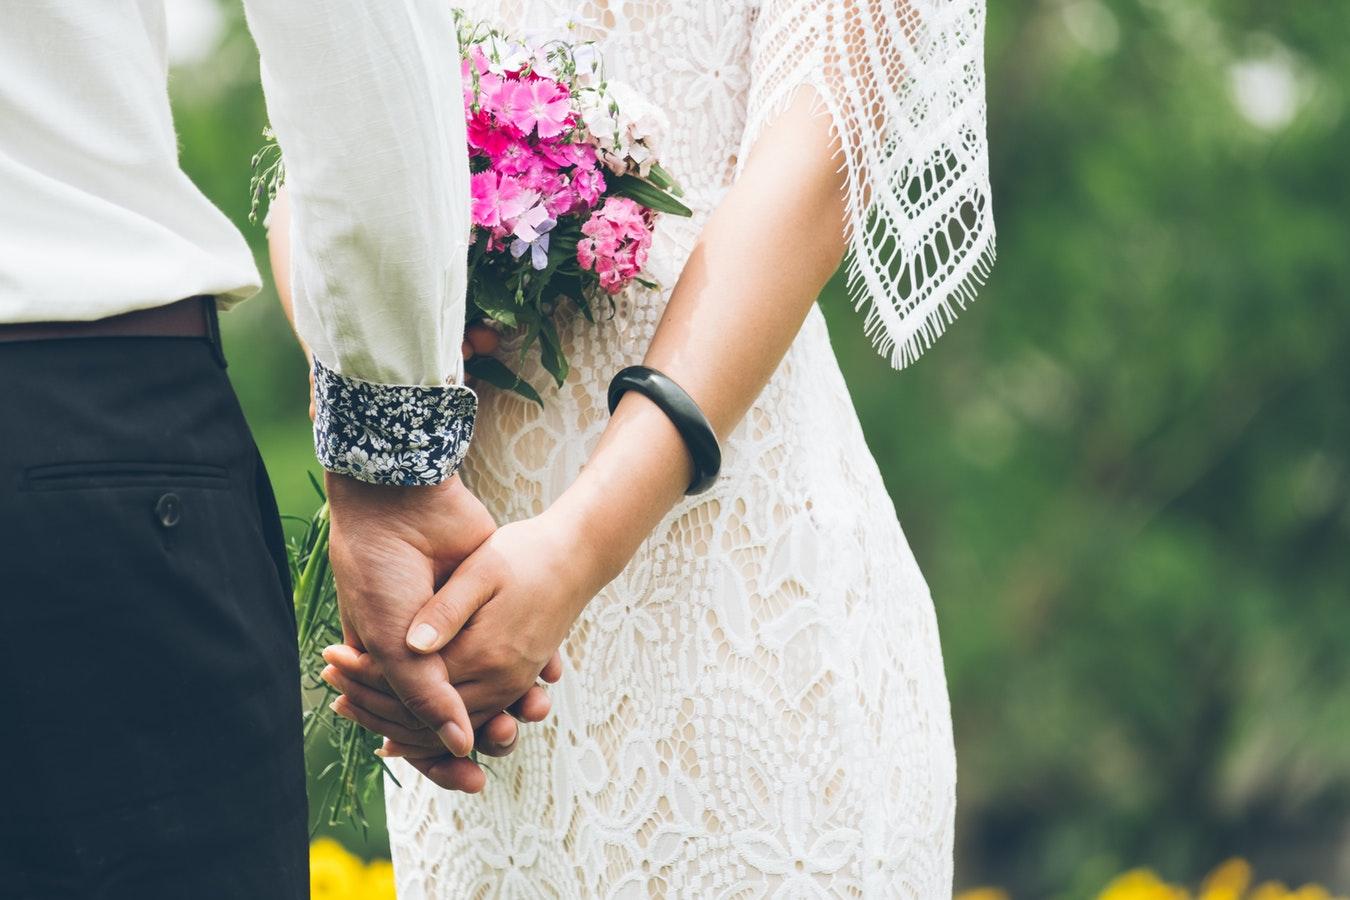 chondrogiannis tours corfu services wedding arrangement